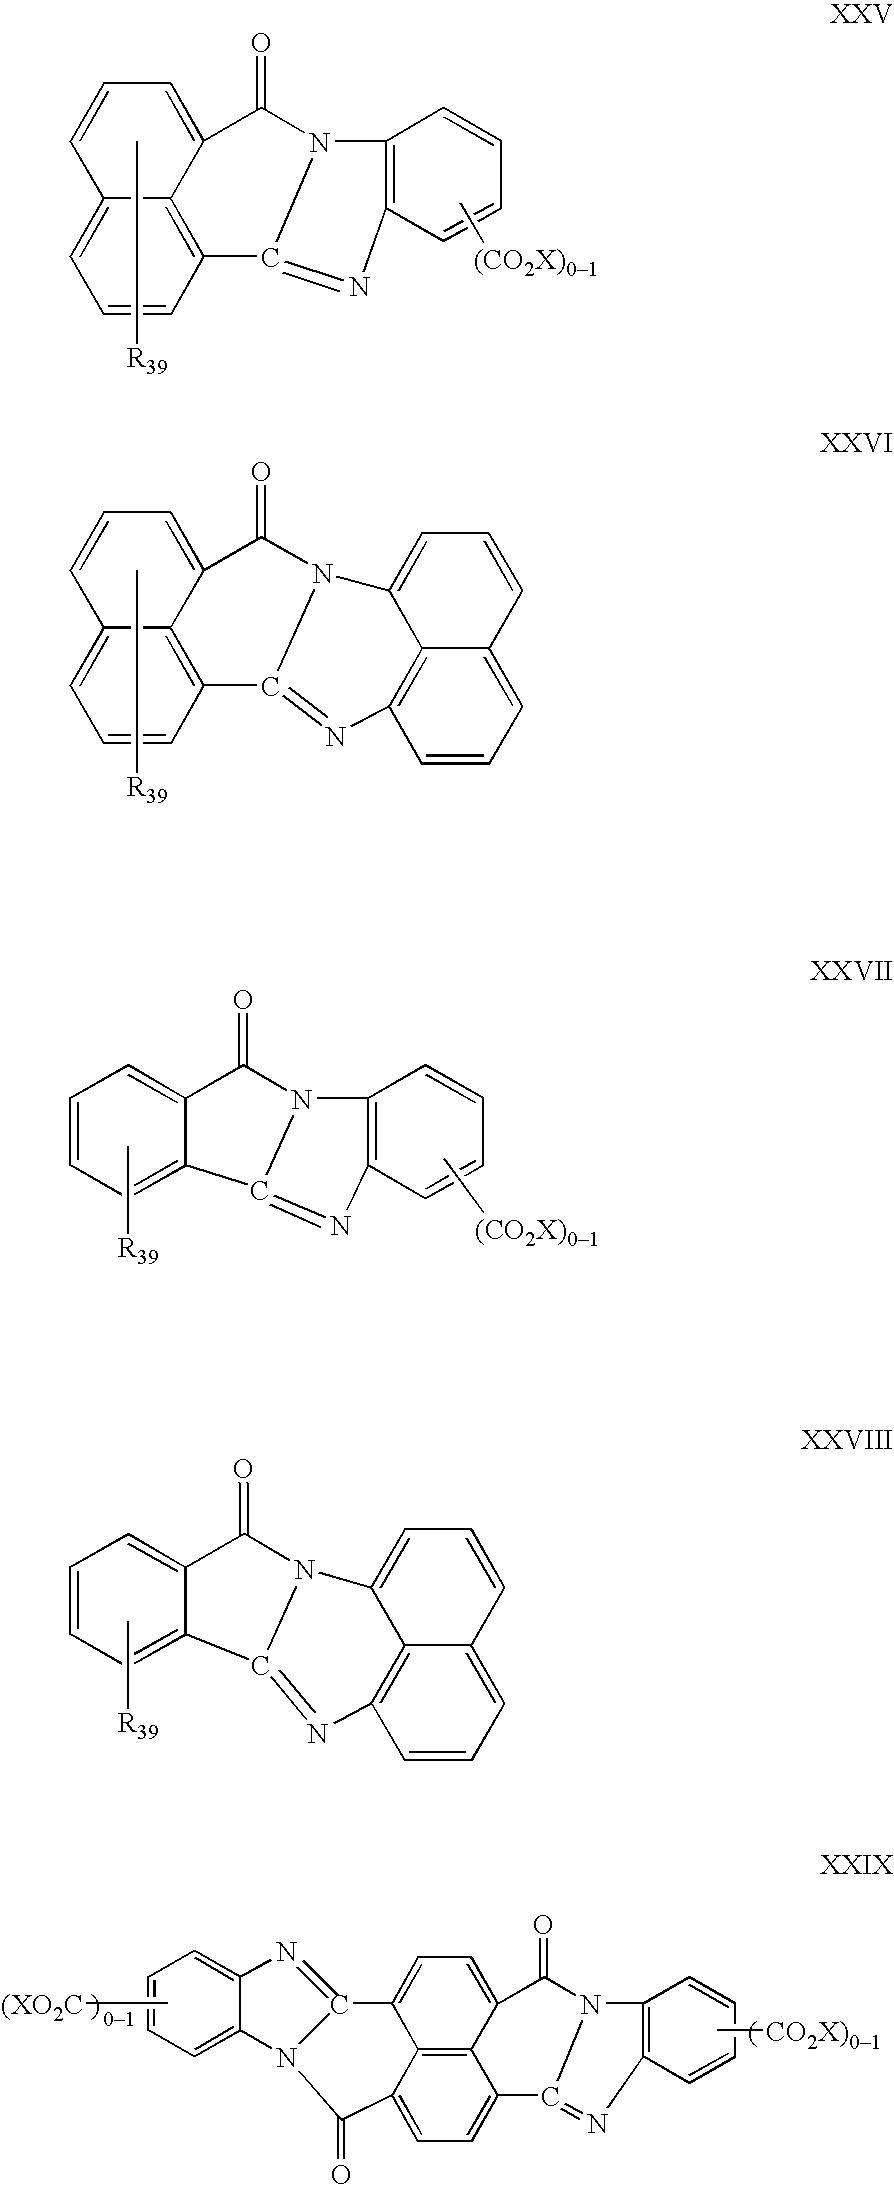 Figure US07138539-20061121-C00030